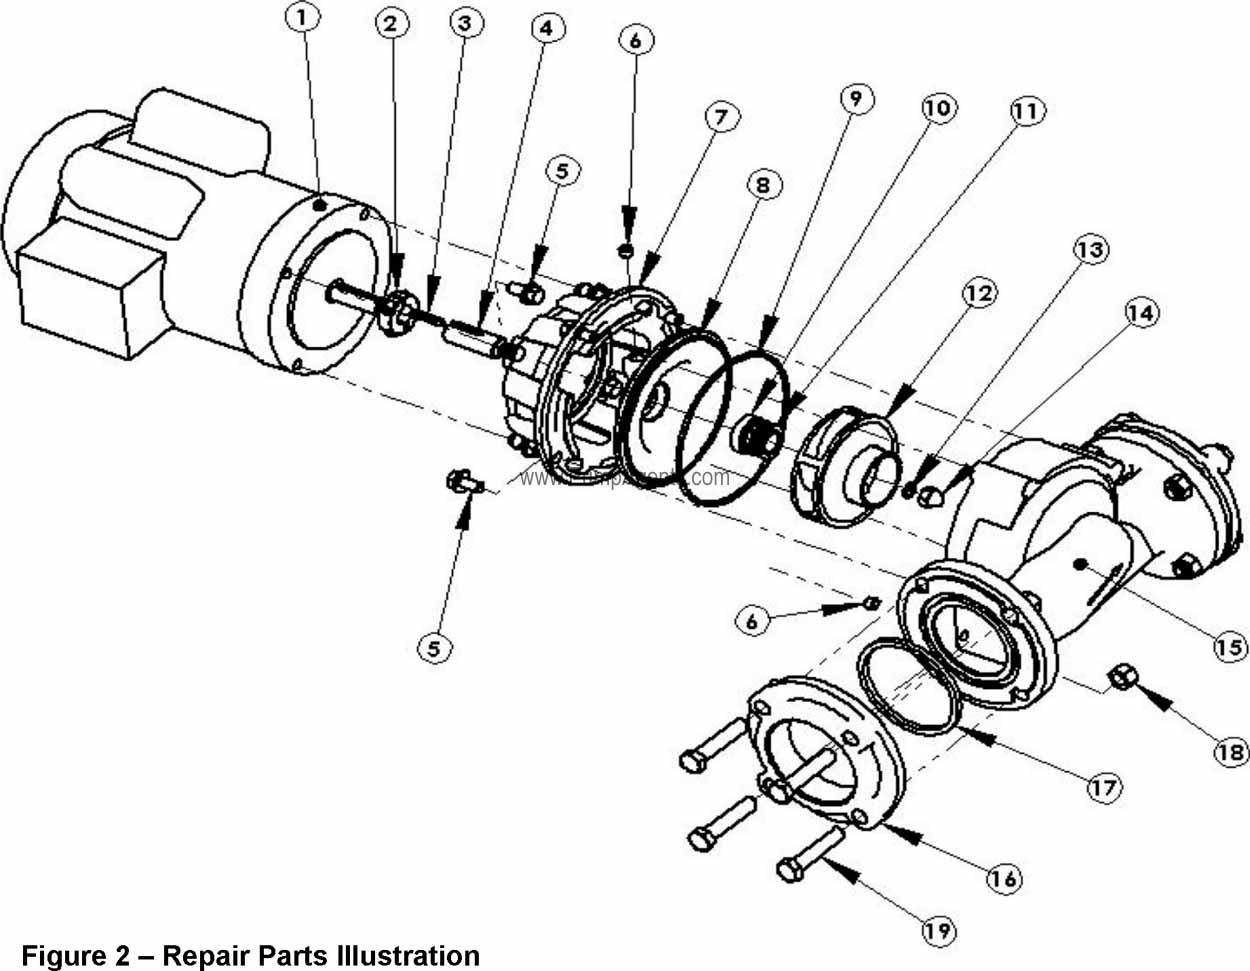 john deere 4600 wiring diagram wiring diagram database Ford 455 Backhoe john deere 4300 hour meter wiring diagram wiring schematic diagram john deere 4500 wiring diagram john deere 4600 wiring diagram